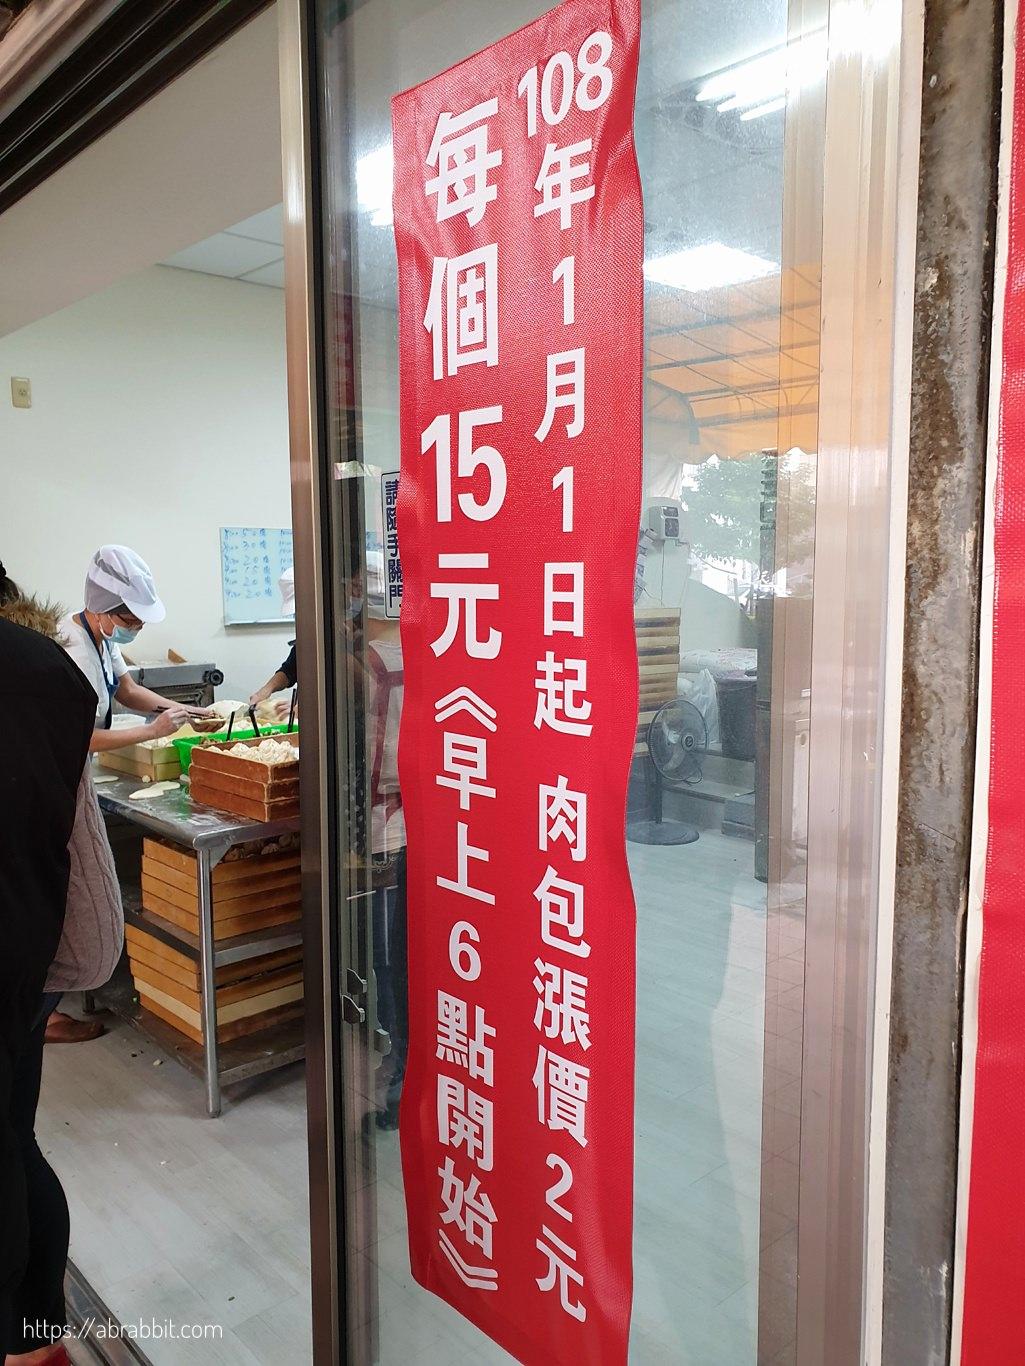 20190120094004 20 - 台中肉包 陳記阿嬤肉包-雖然漲價到15元,還是便宜又好吃